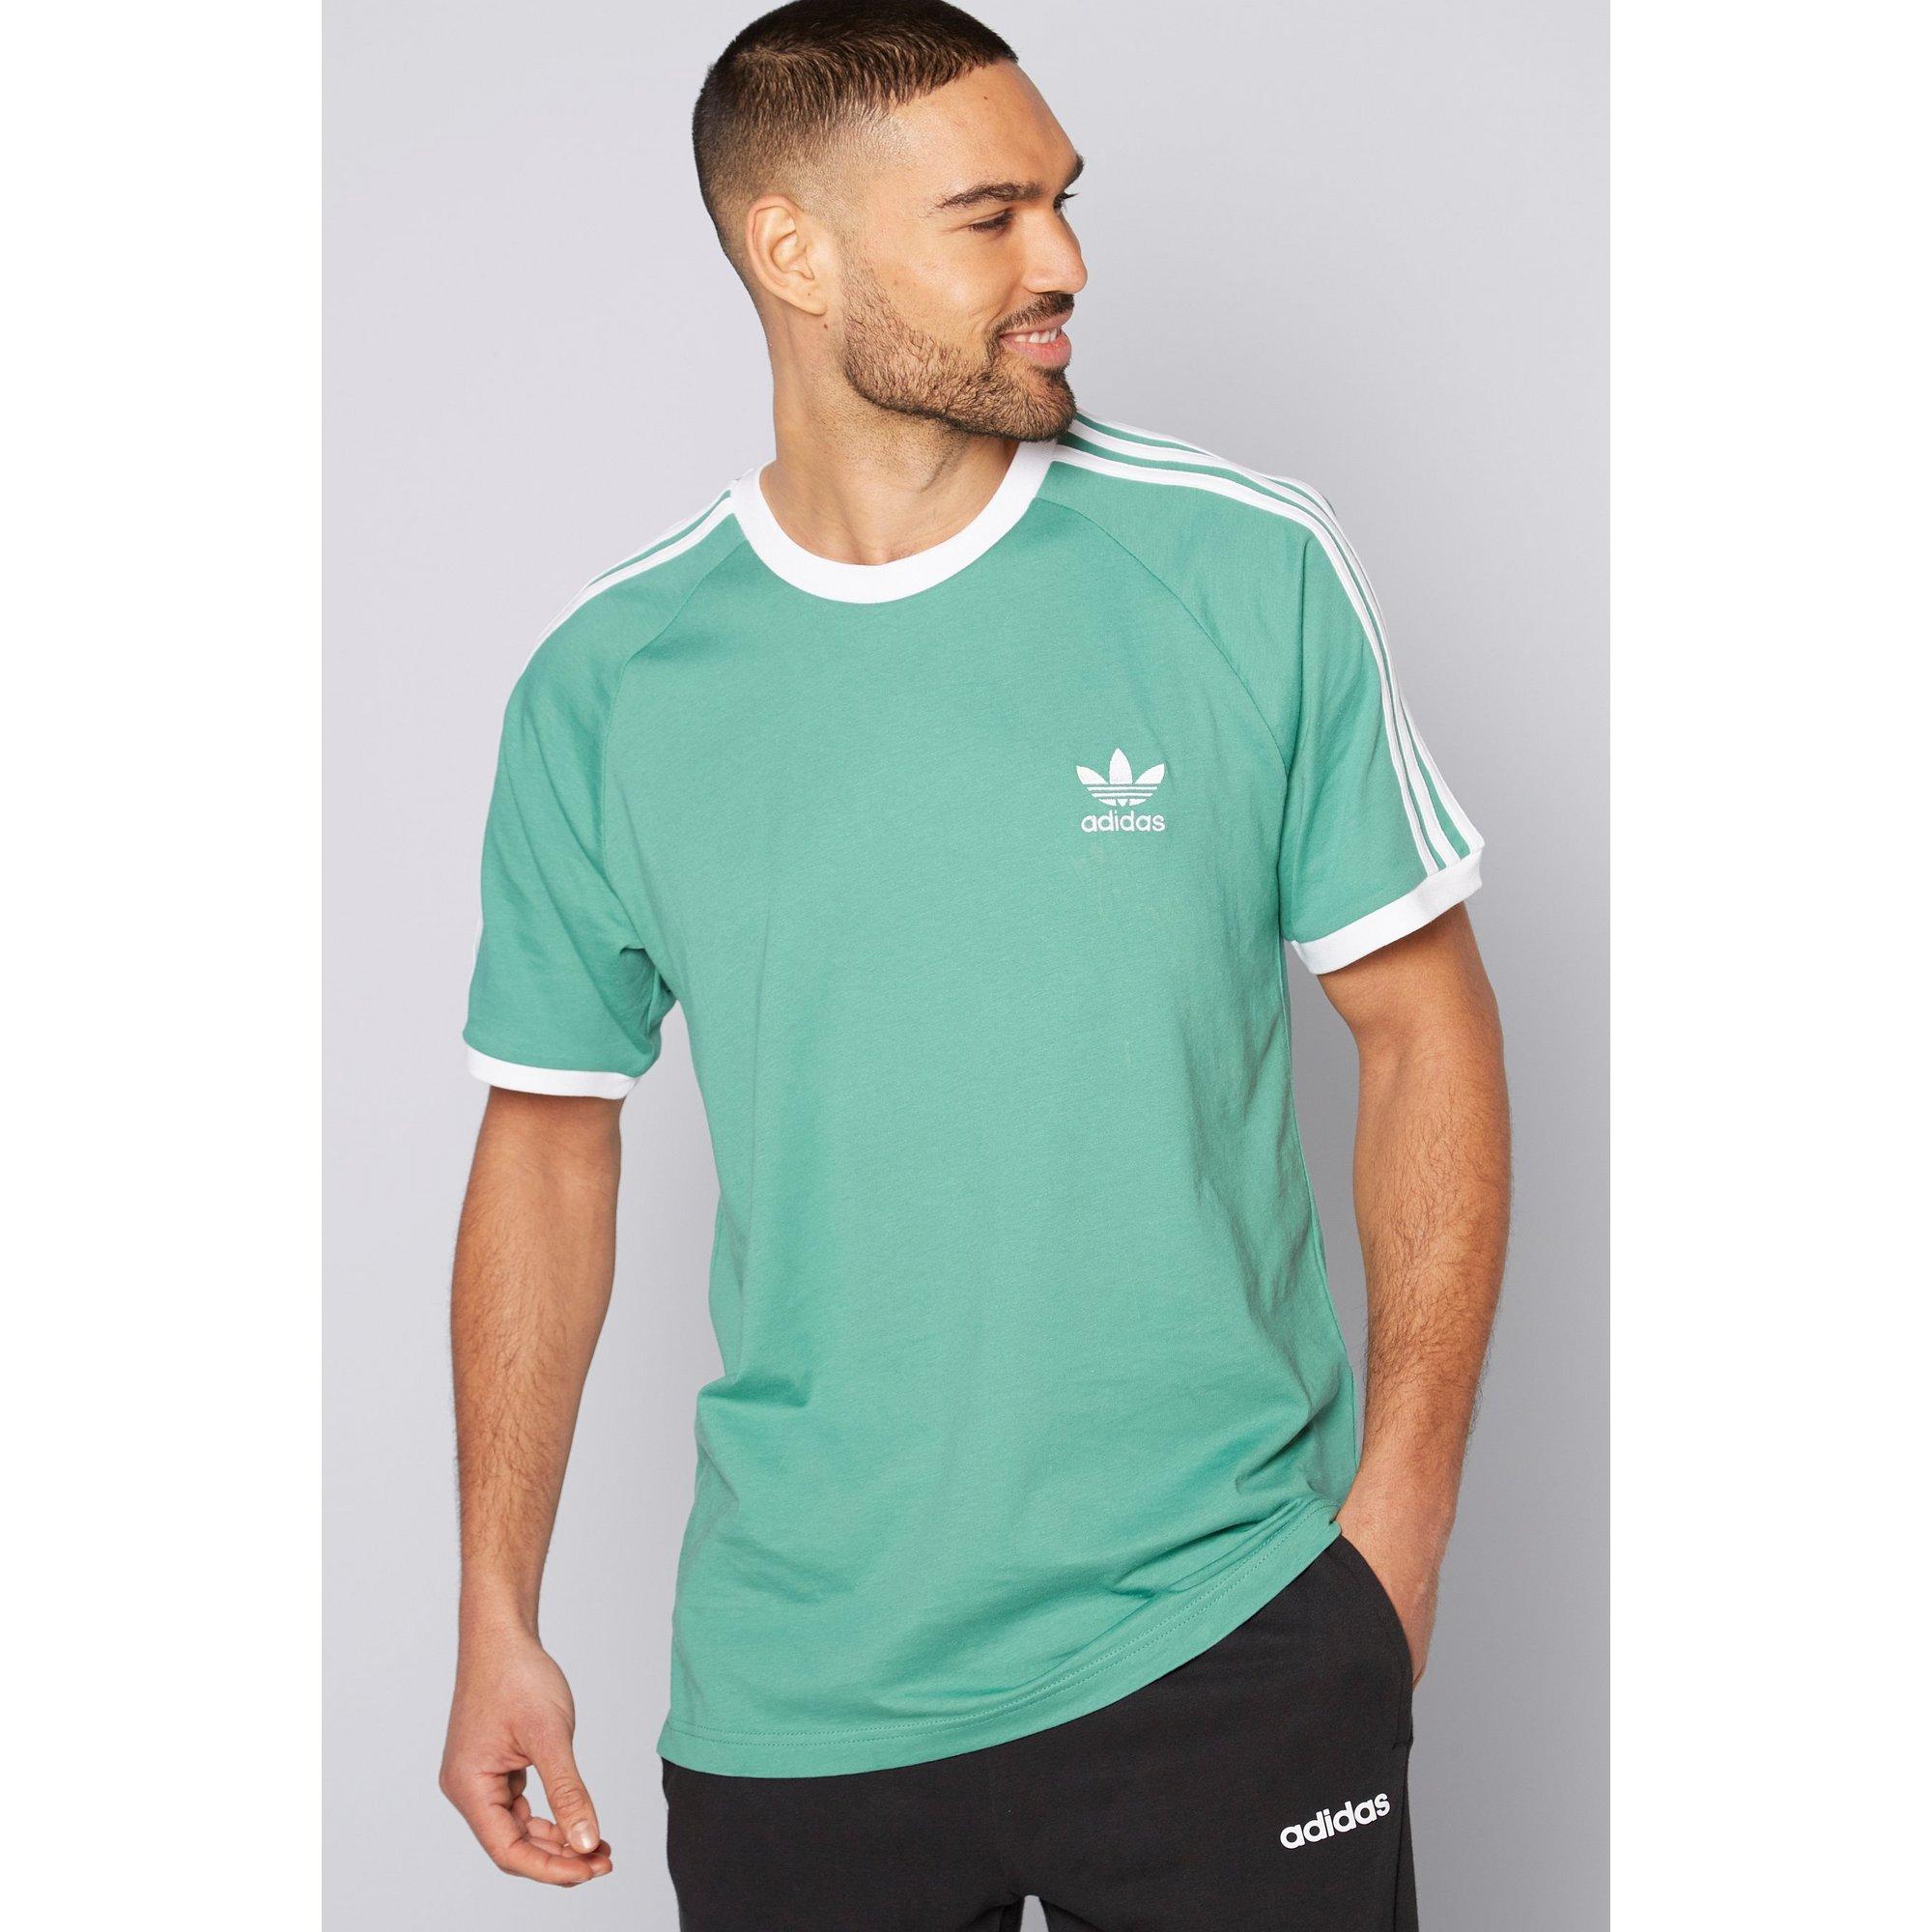 Image of adidas Originals 3 Stripes T-Shirt